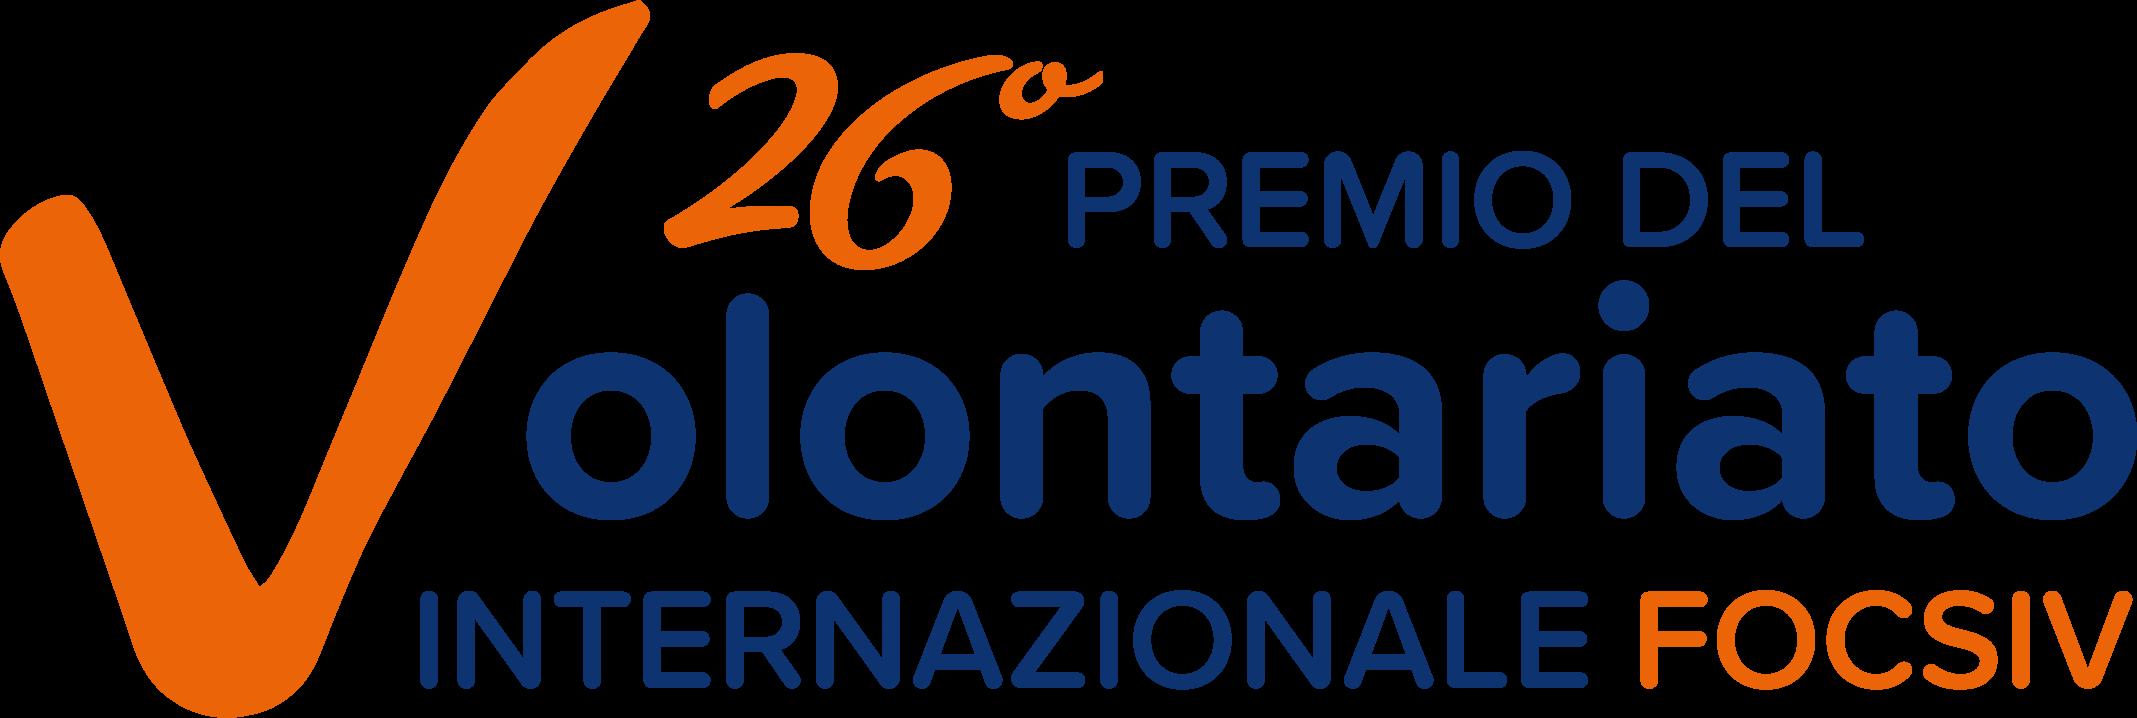 XXVI edizione del Premio del Volontariato Internazionale – 30 novembre 2019 - Istituto Leonarda Vaccari - Viale Angelico 22, Roma